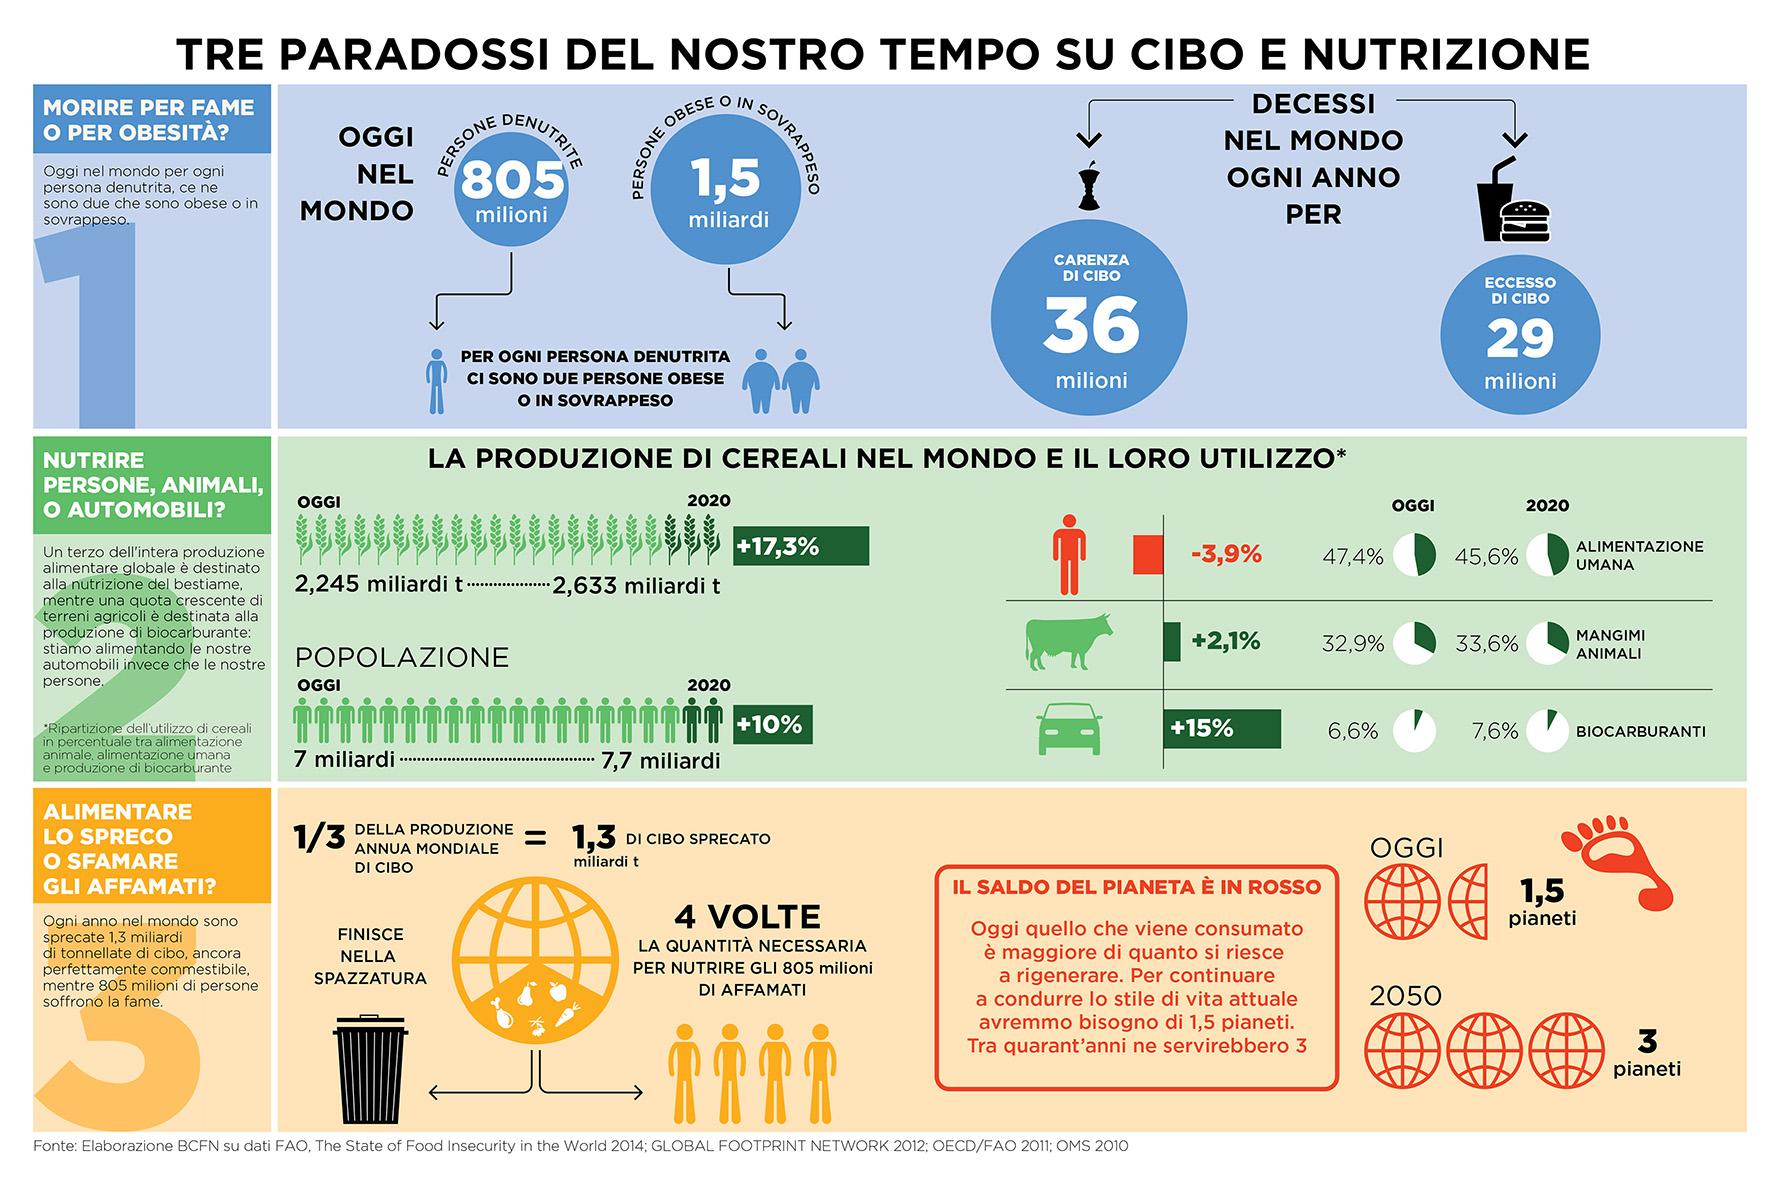 Infografica-3-paradossi-ita